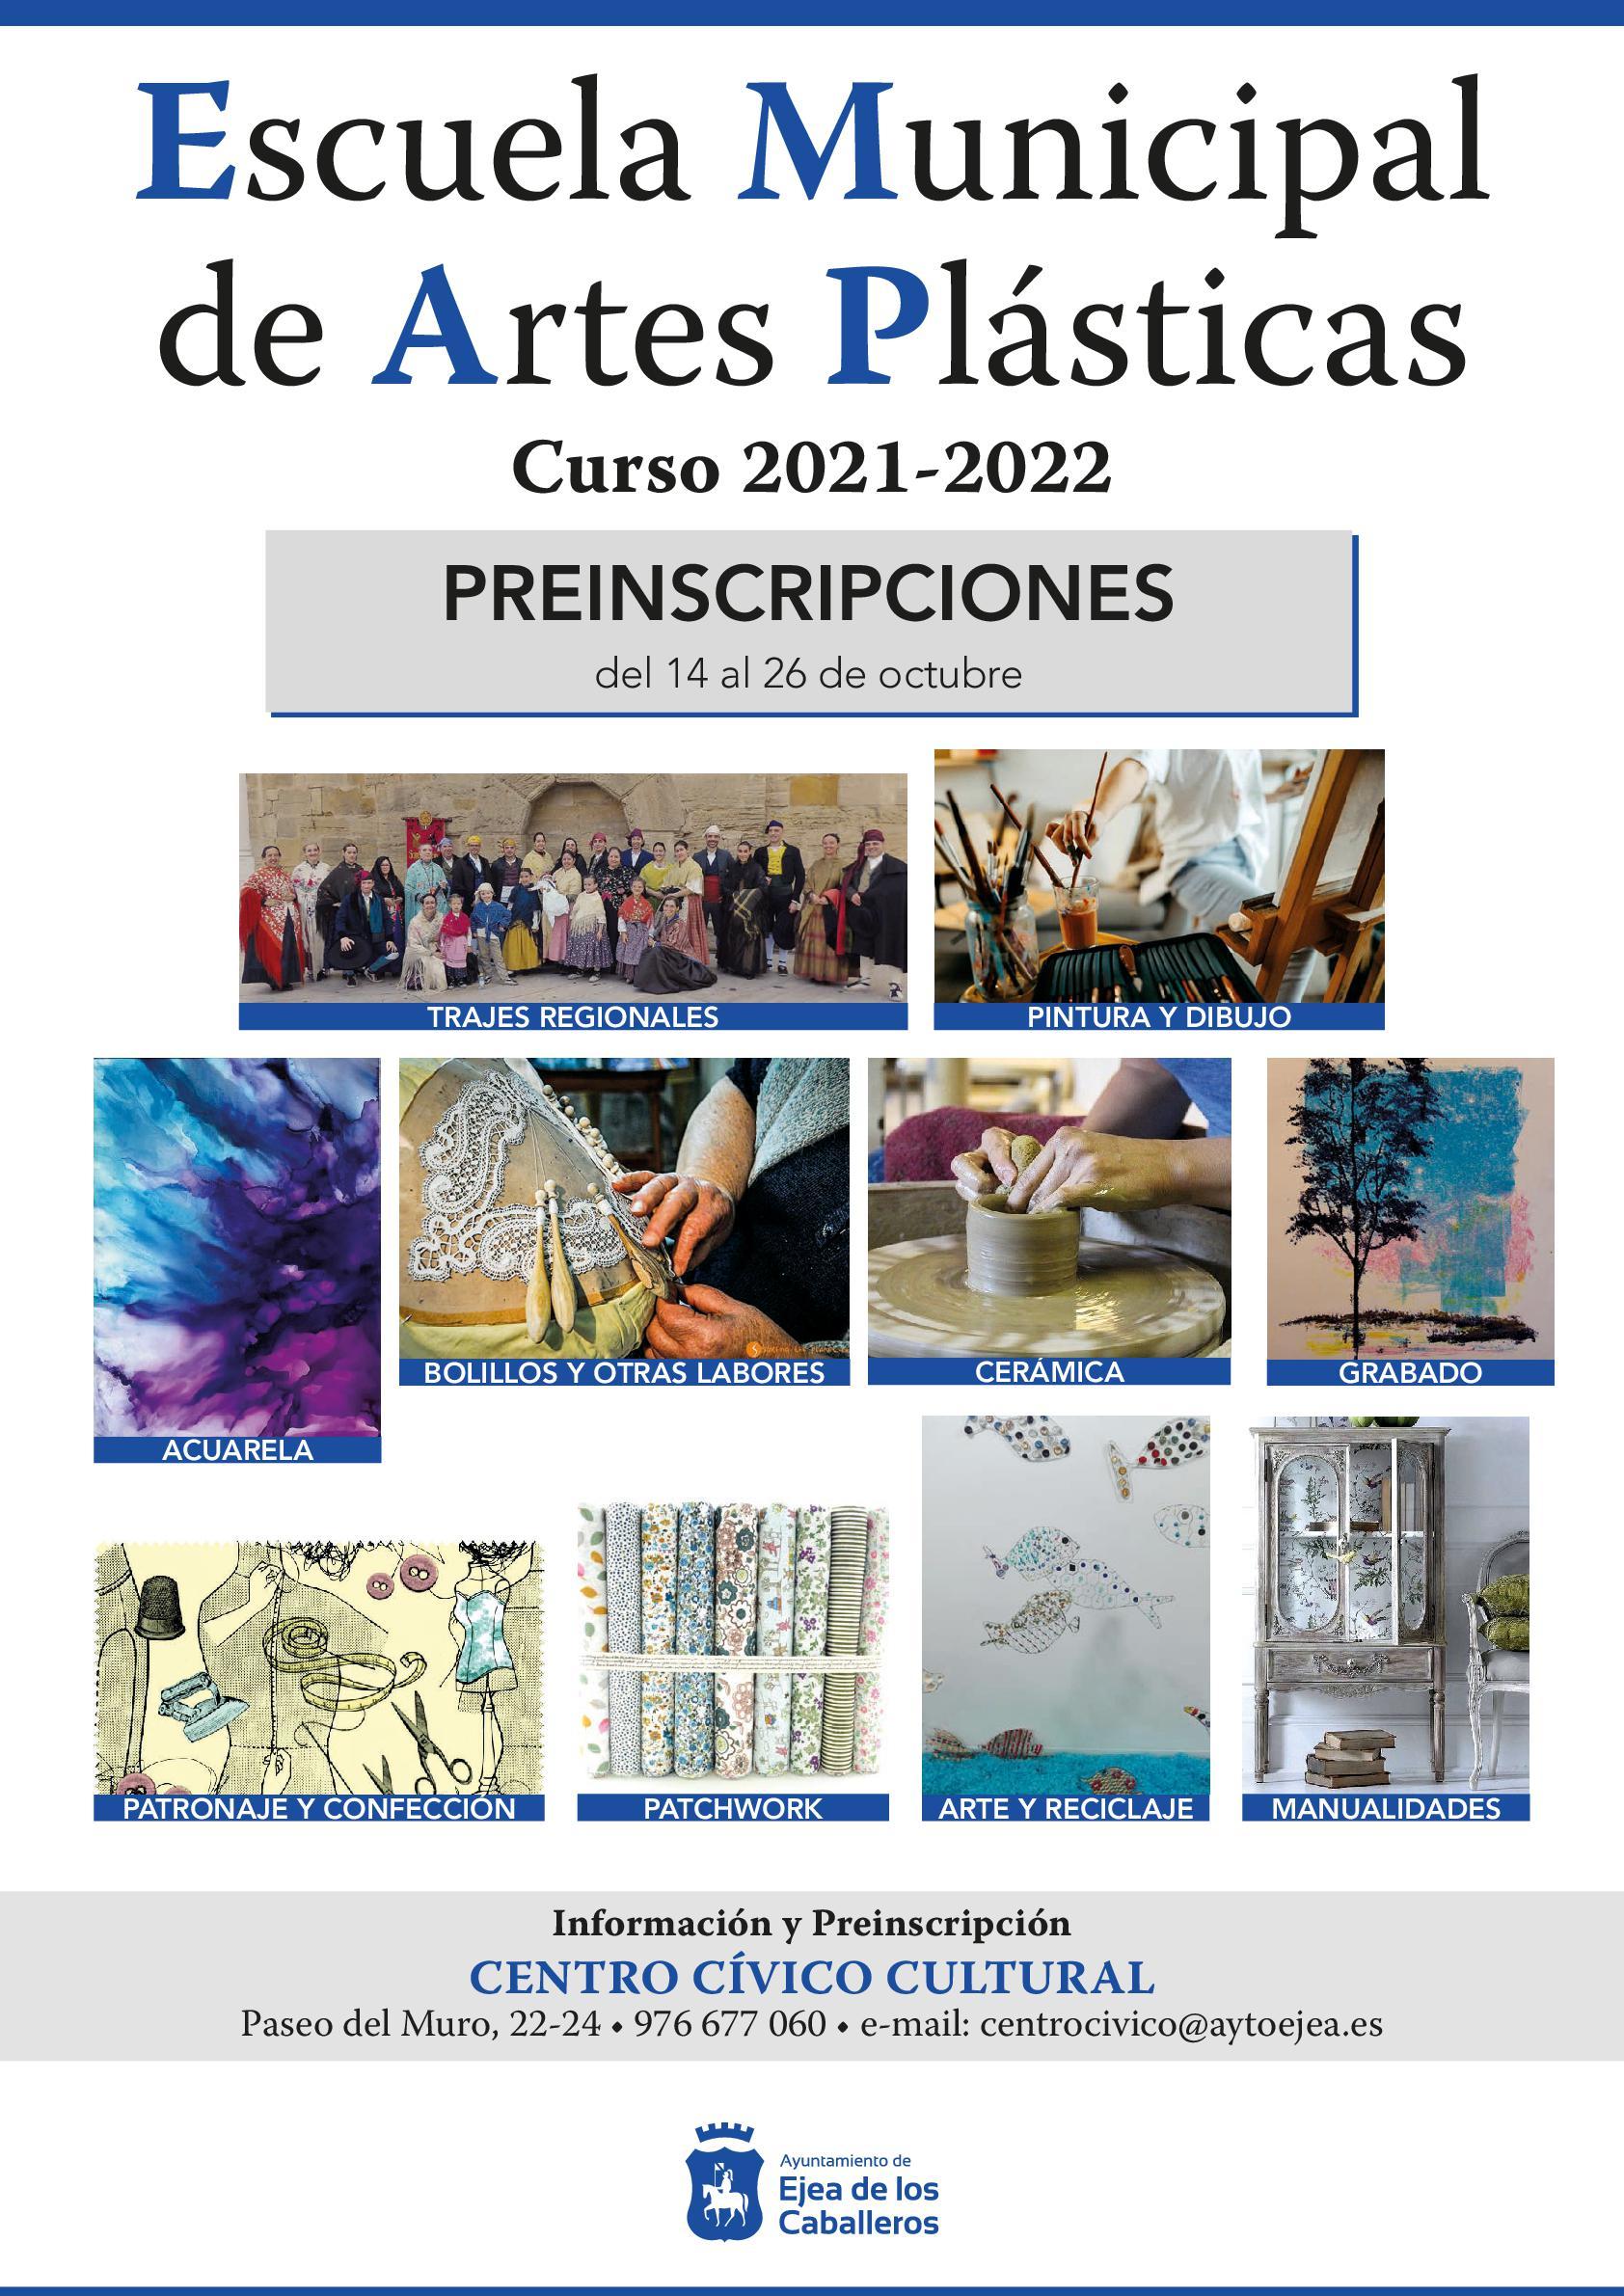 En este momento estás viendo Escuela Municipal de Artes Plásticas: Apertura del plazo de preinscripciones para el curso 2021-2022